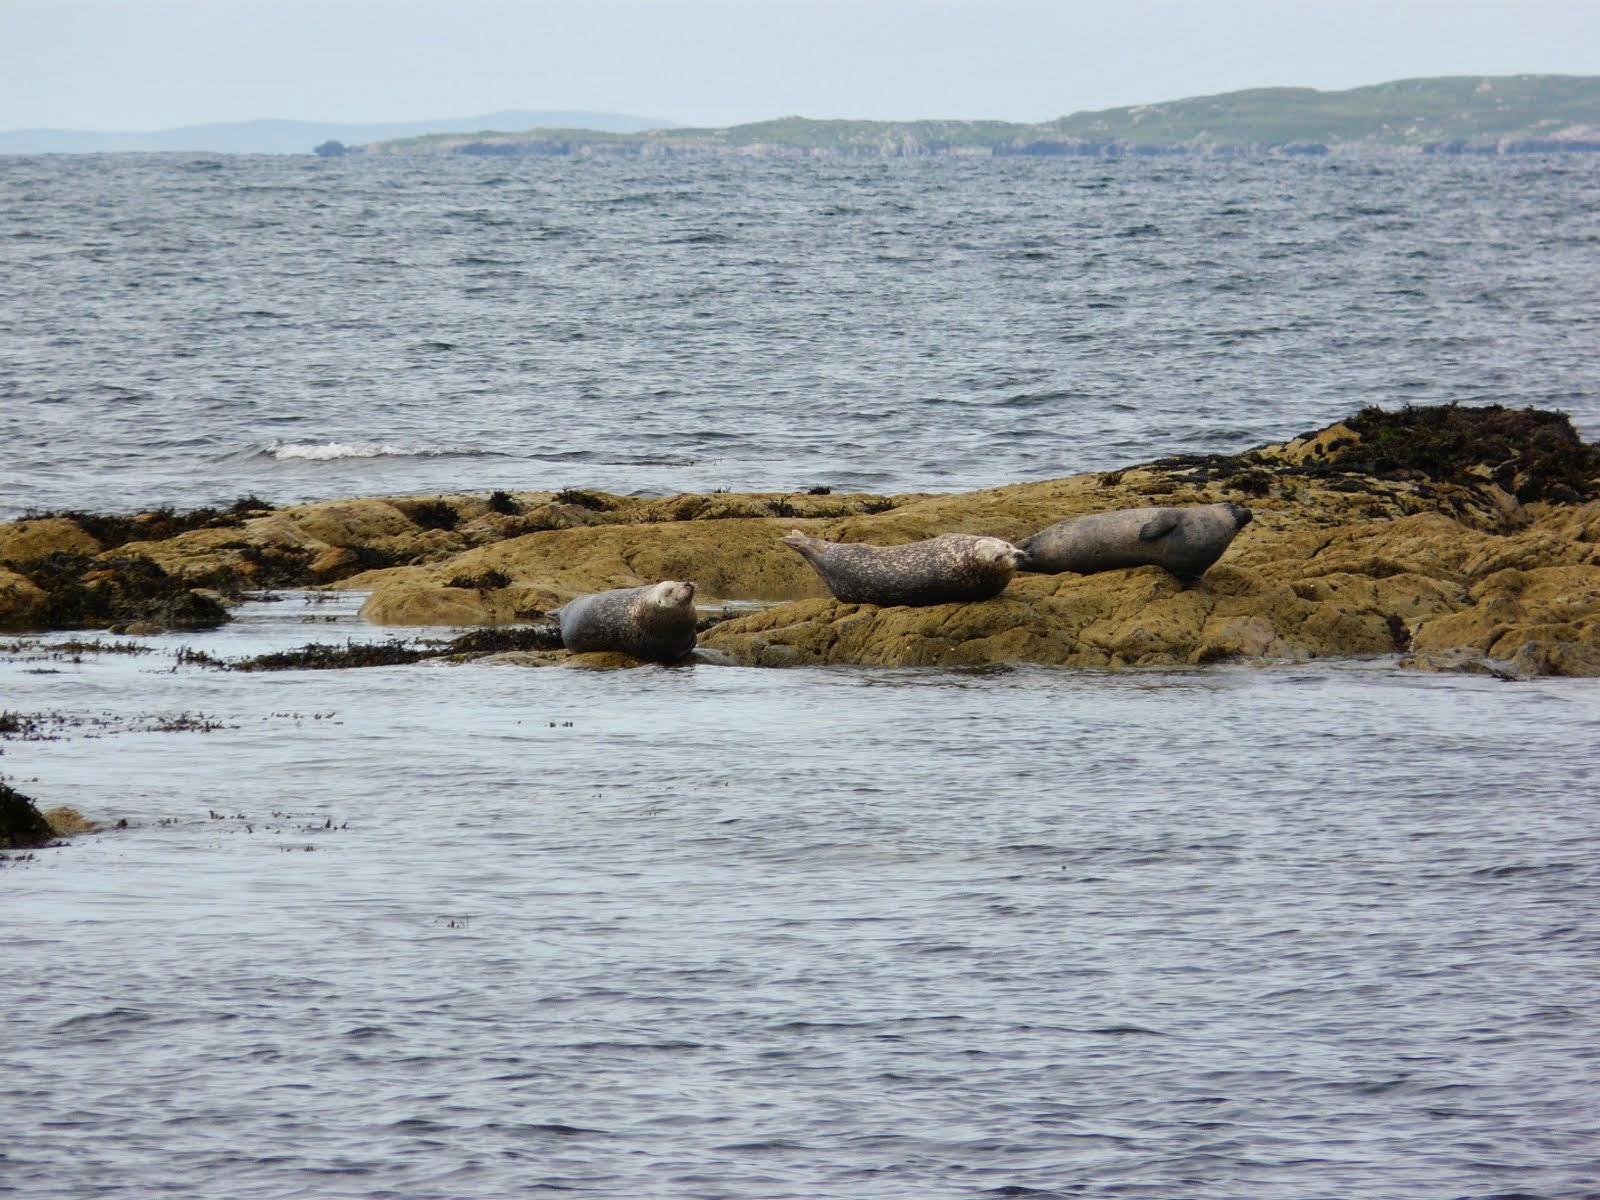 Phoques Irlande